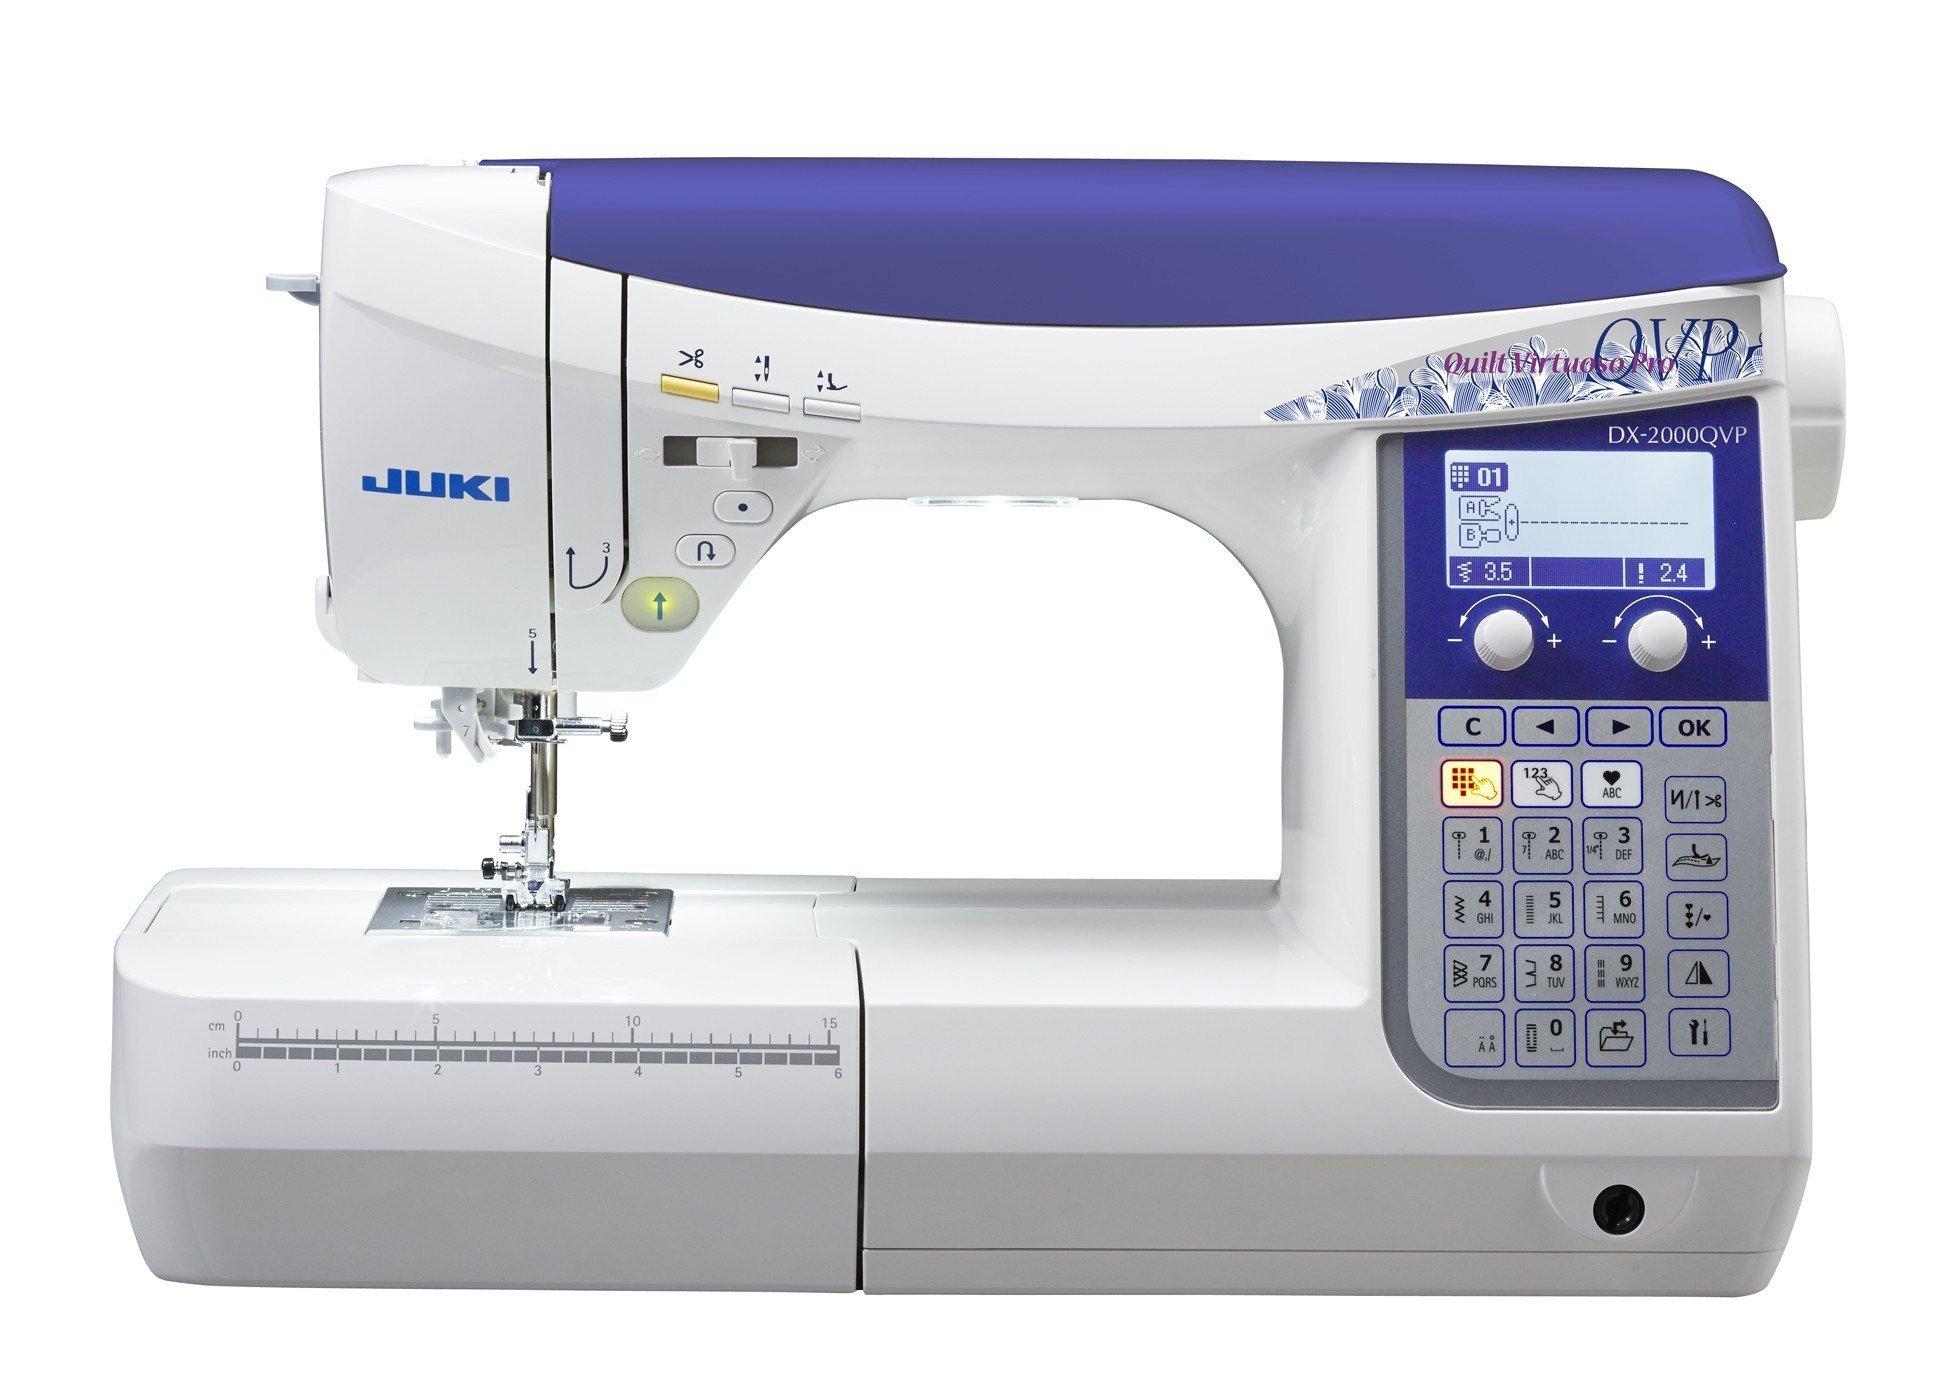 Juki DX-2000 QVP Sewing & Quilting Machine